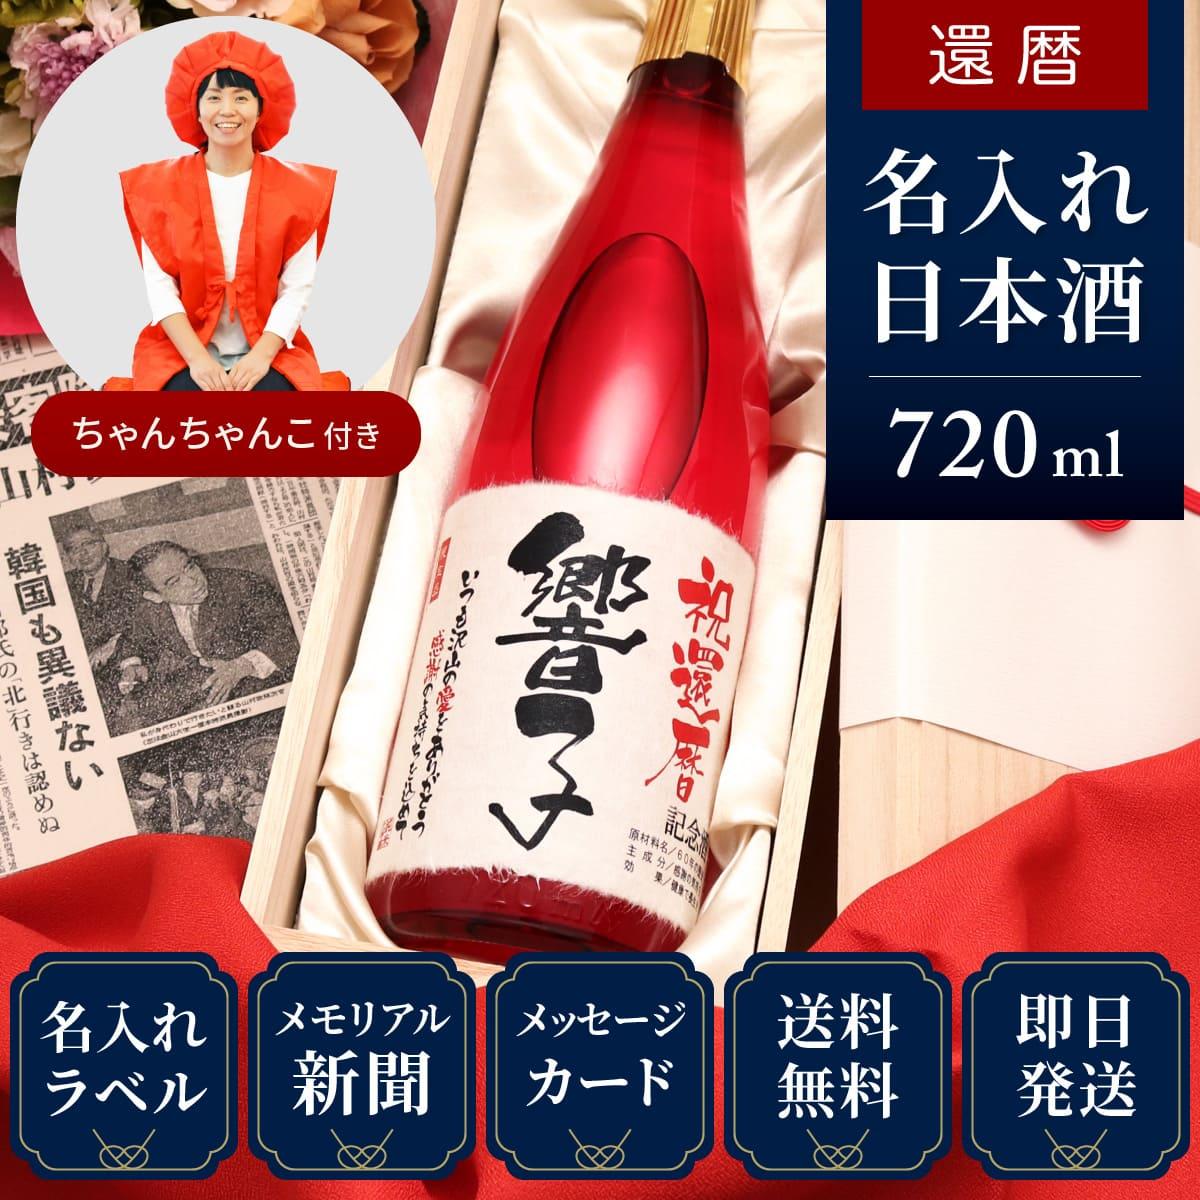 ちゃんちゃんこセット|還暦のプレゼント「華一輪」母親向けギフト(日本酒)